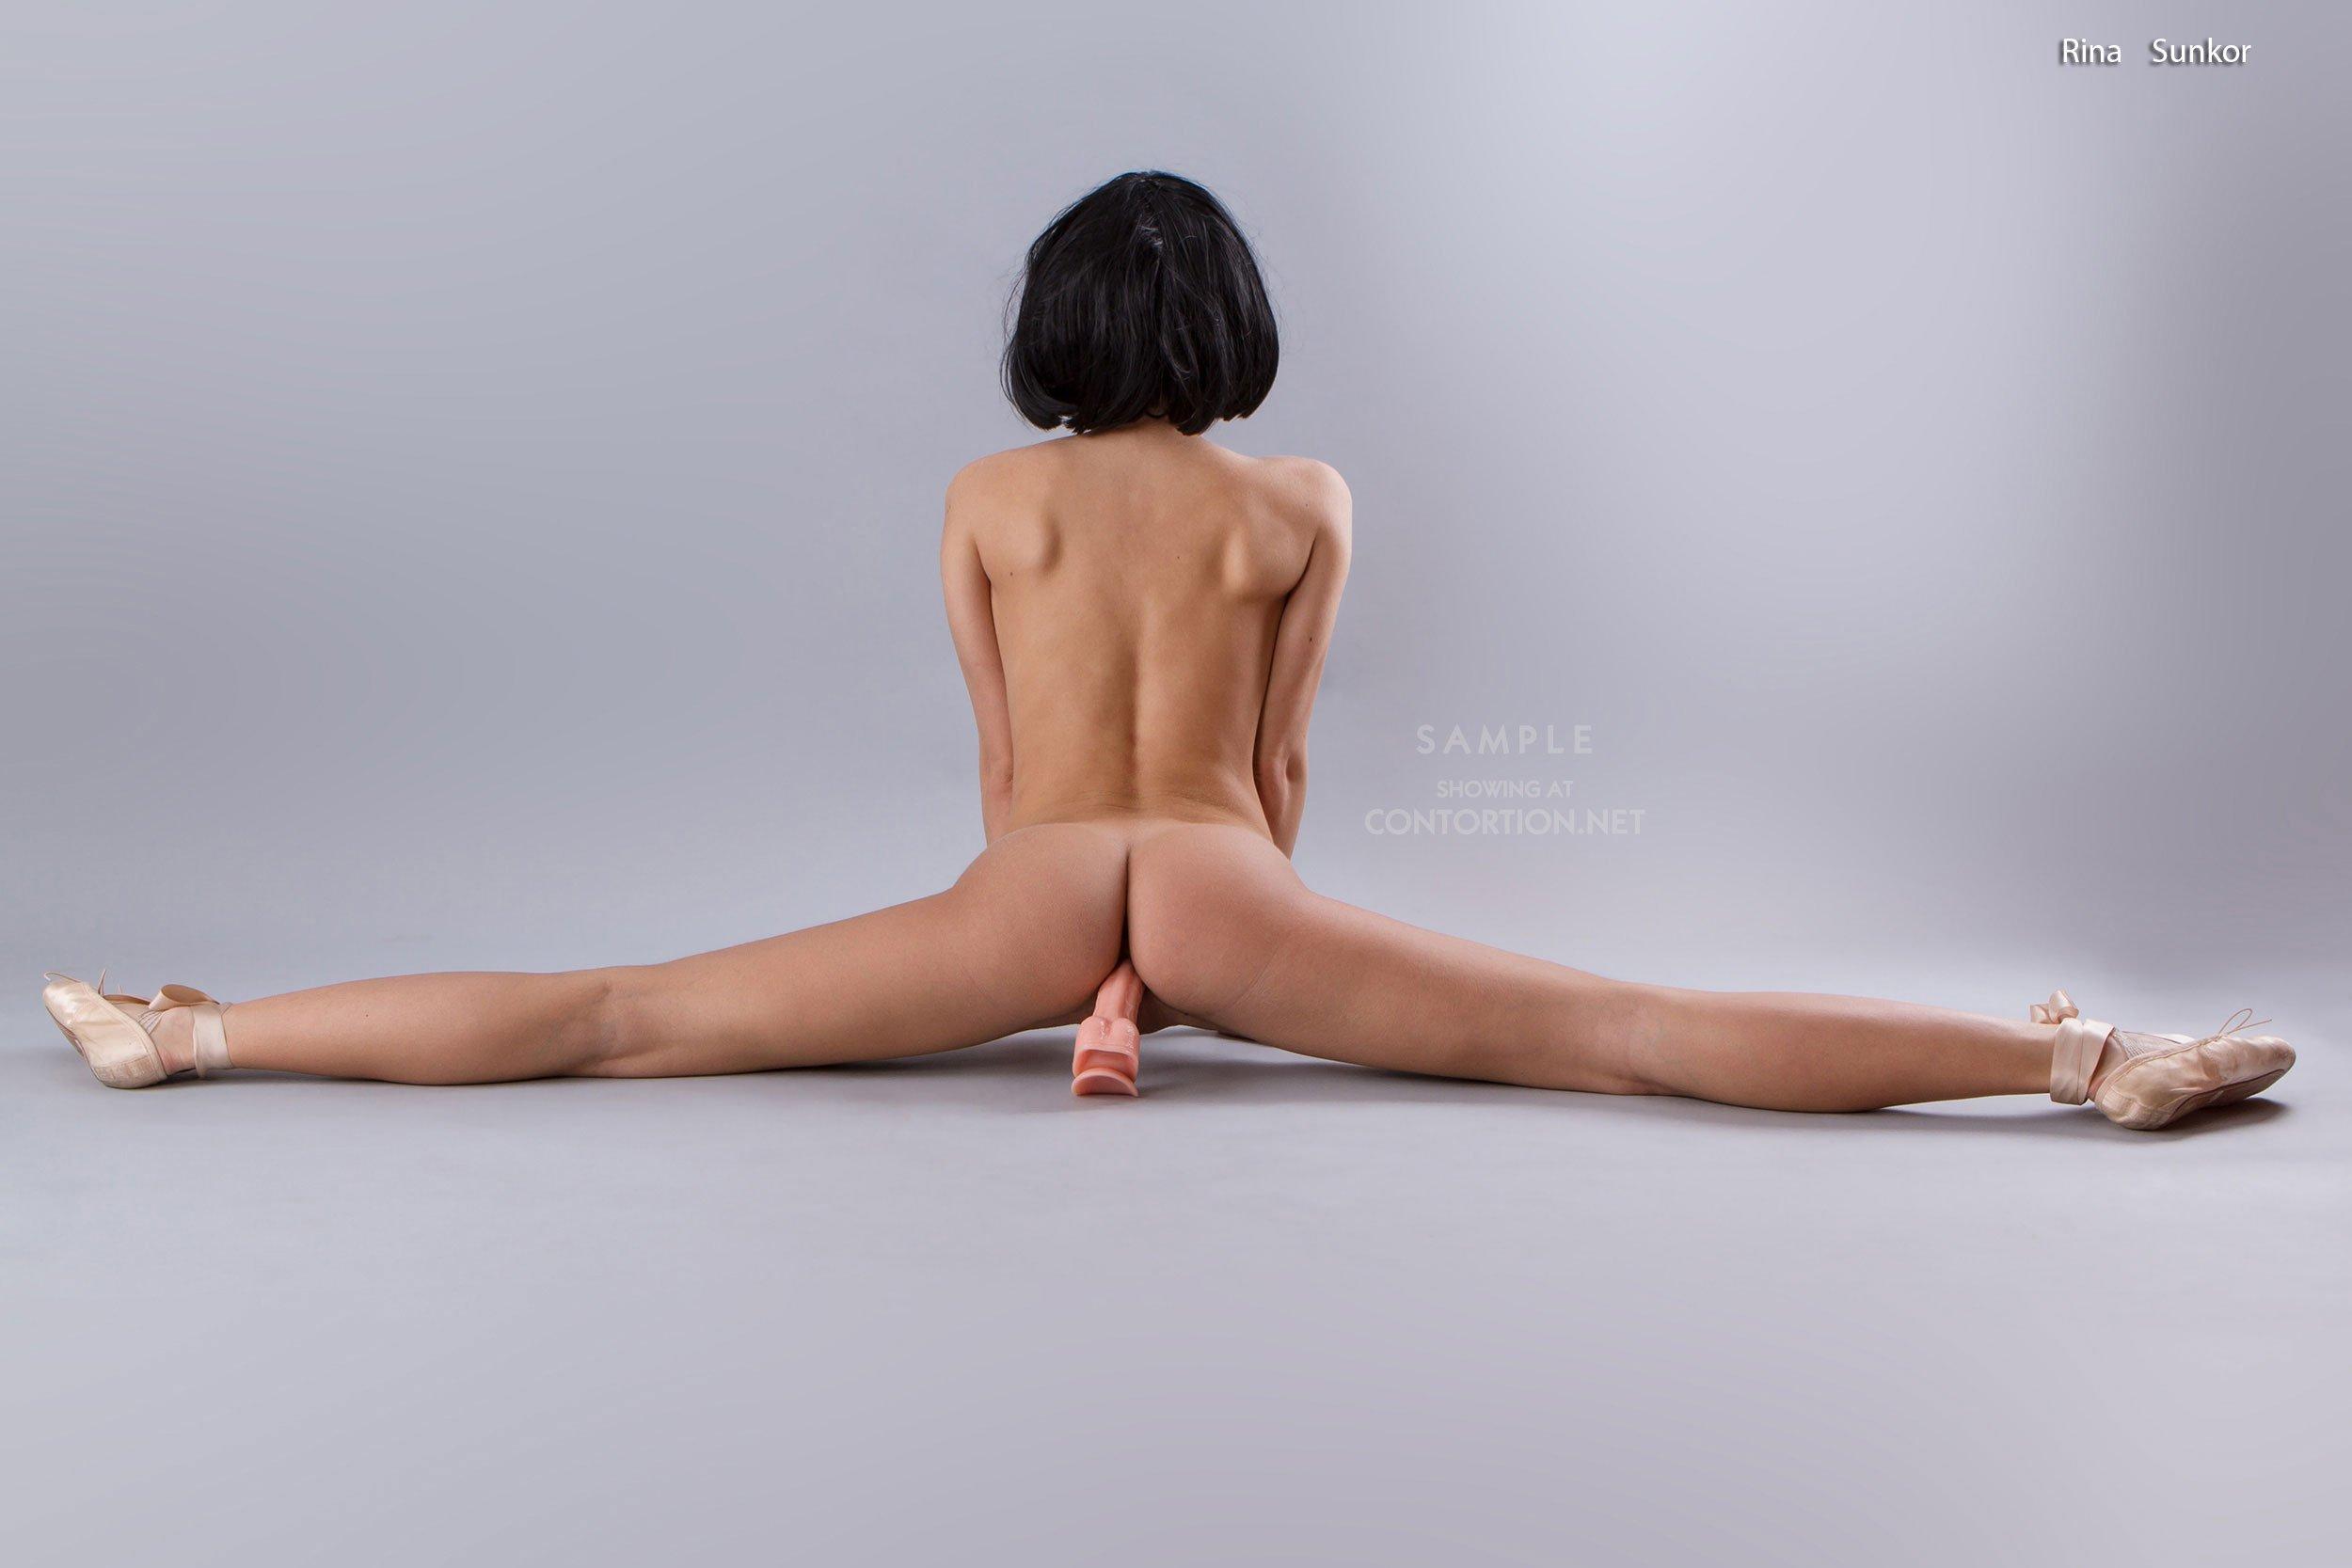 Flex nude Nude flexible